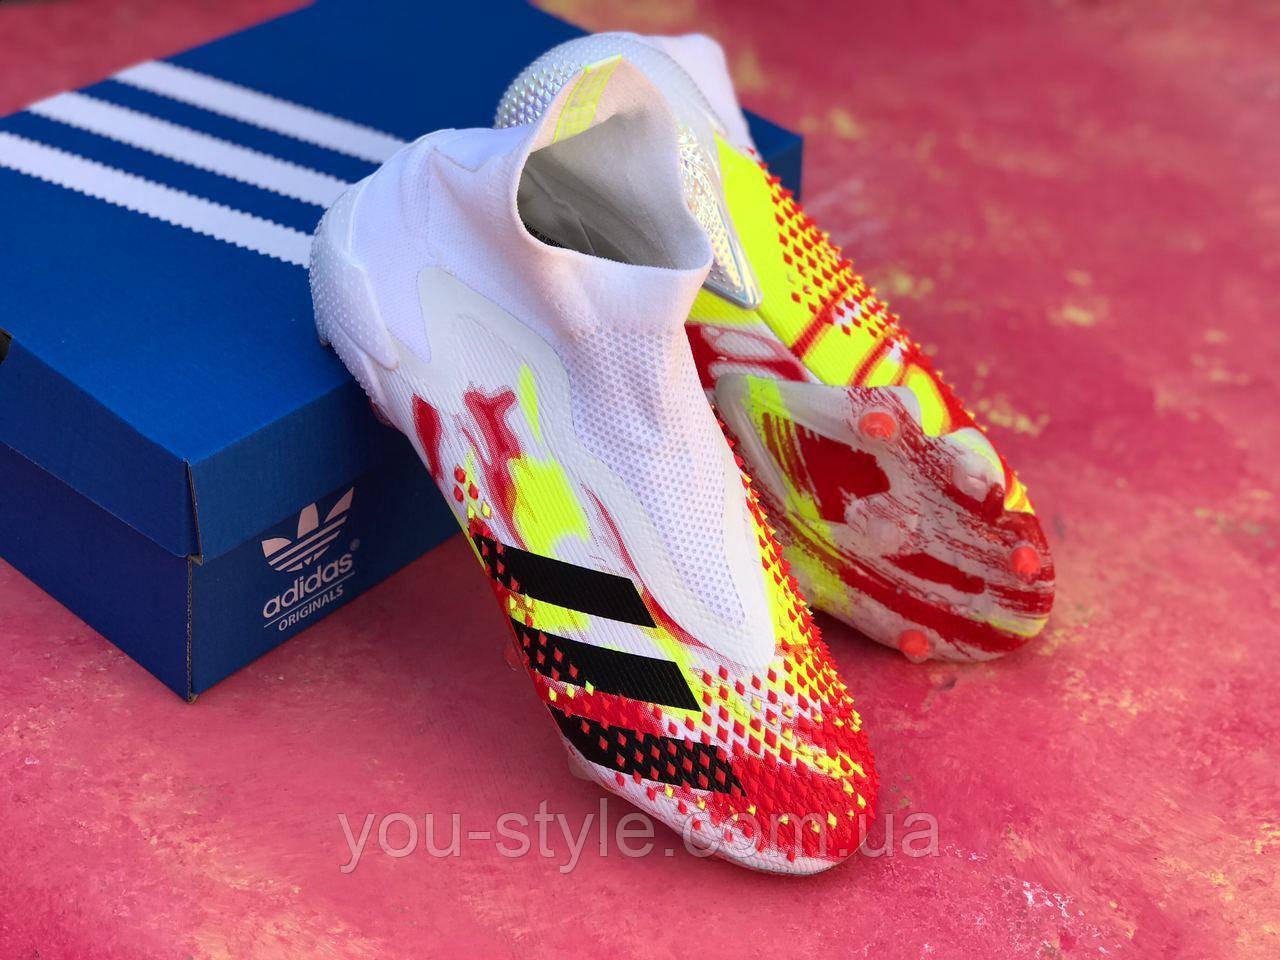 Бутсы Adidas Mutator 20+ FG /бутсы адидас/ футбольная обувь